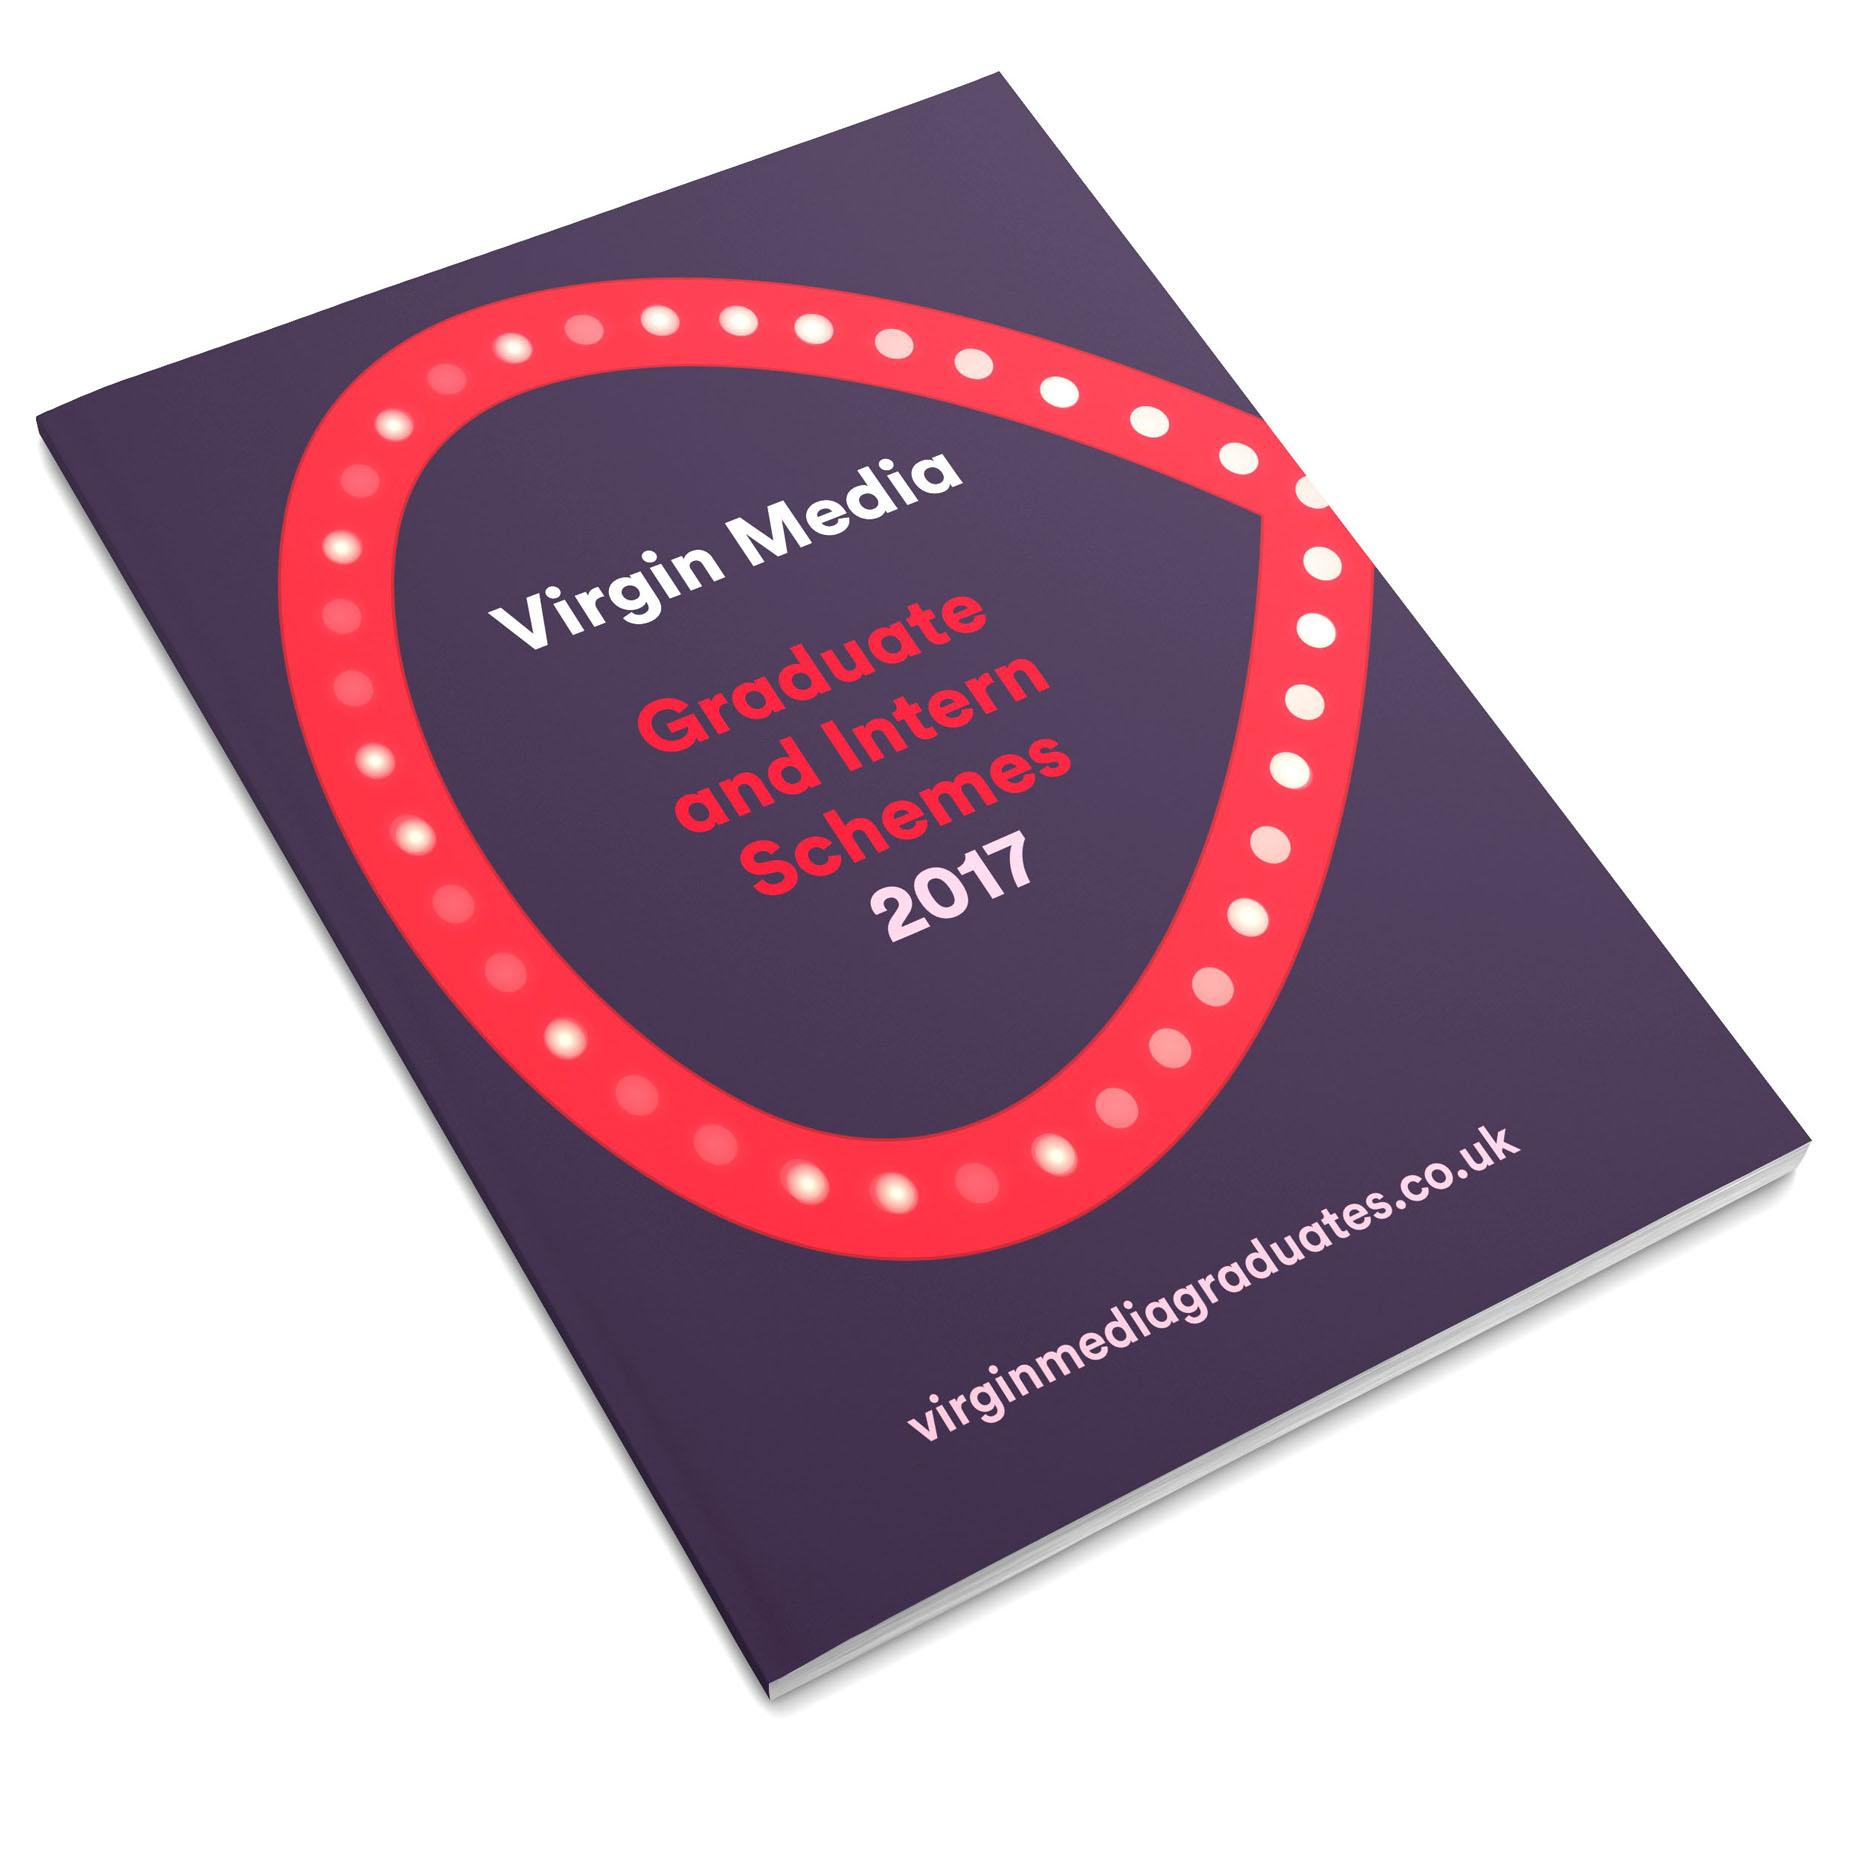 Virgin Media Brochure Design